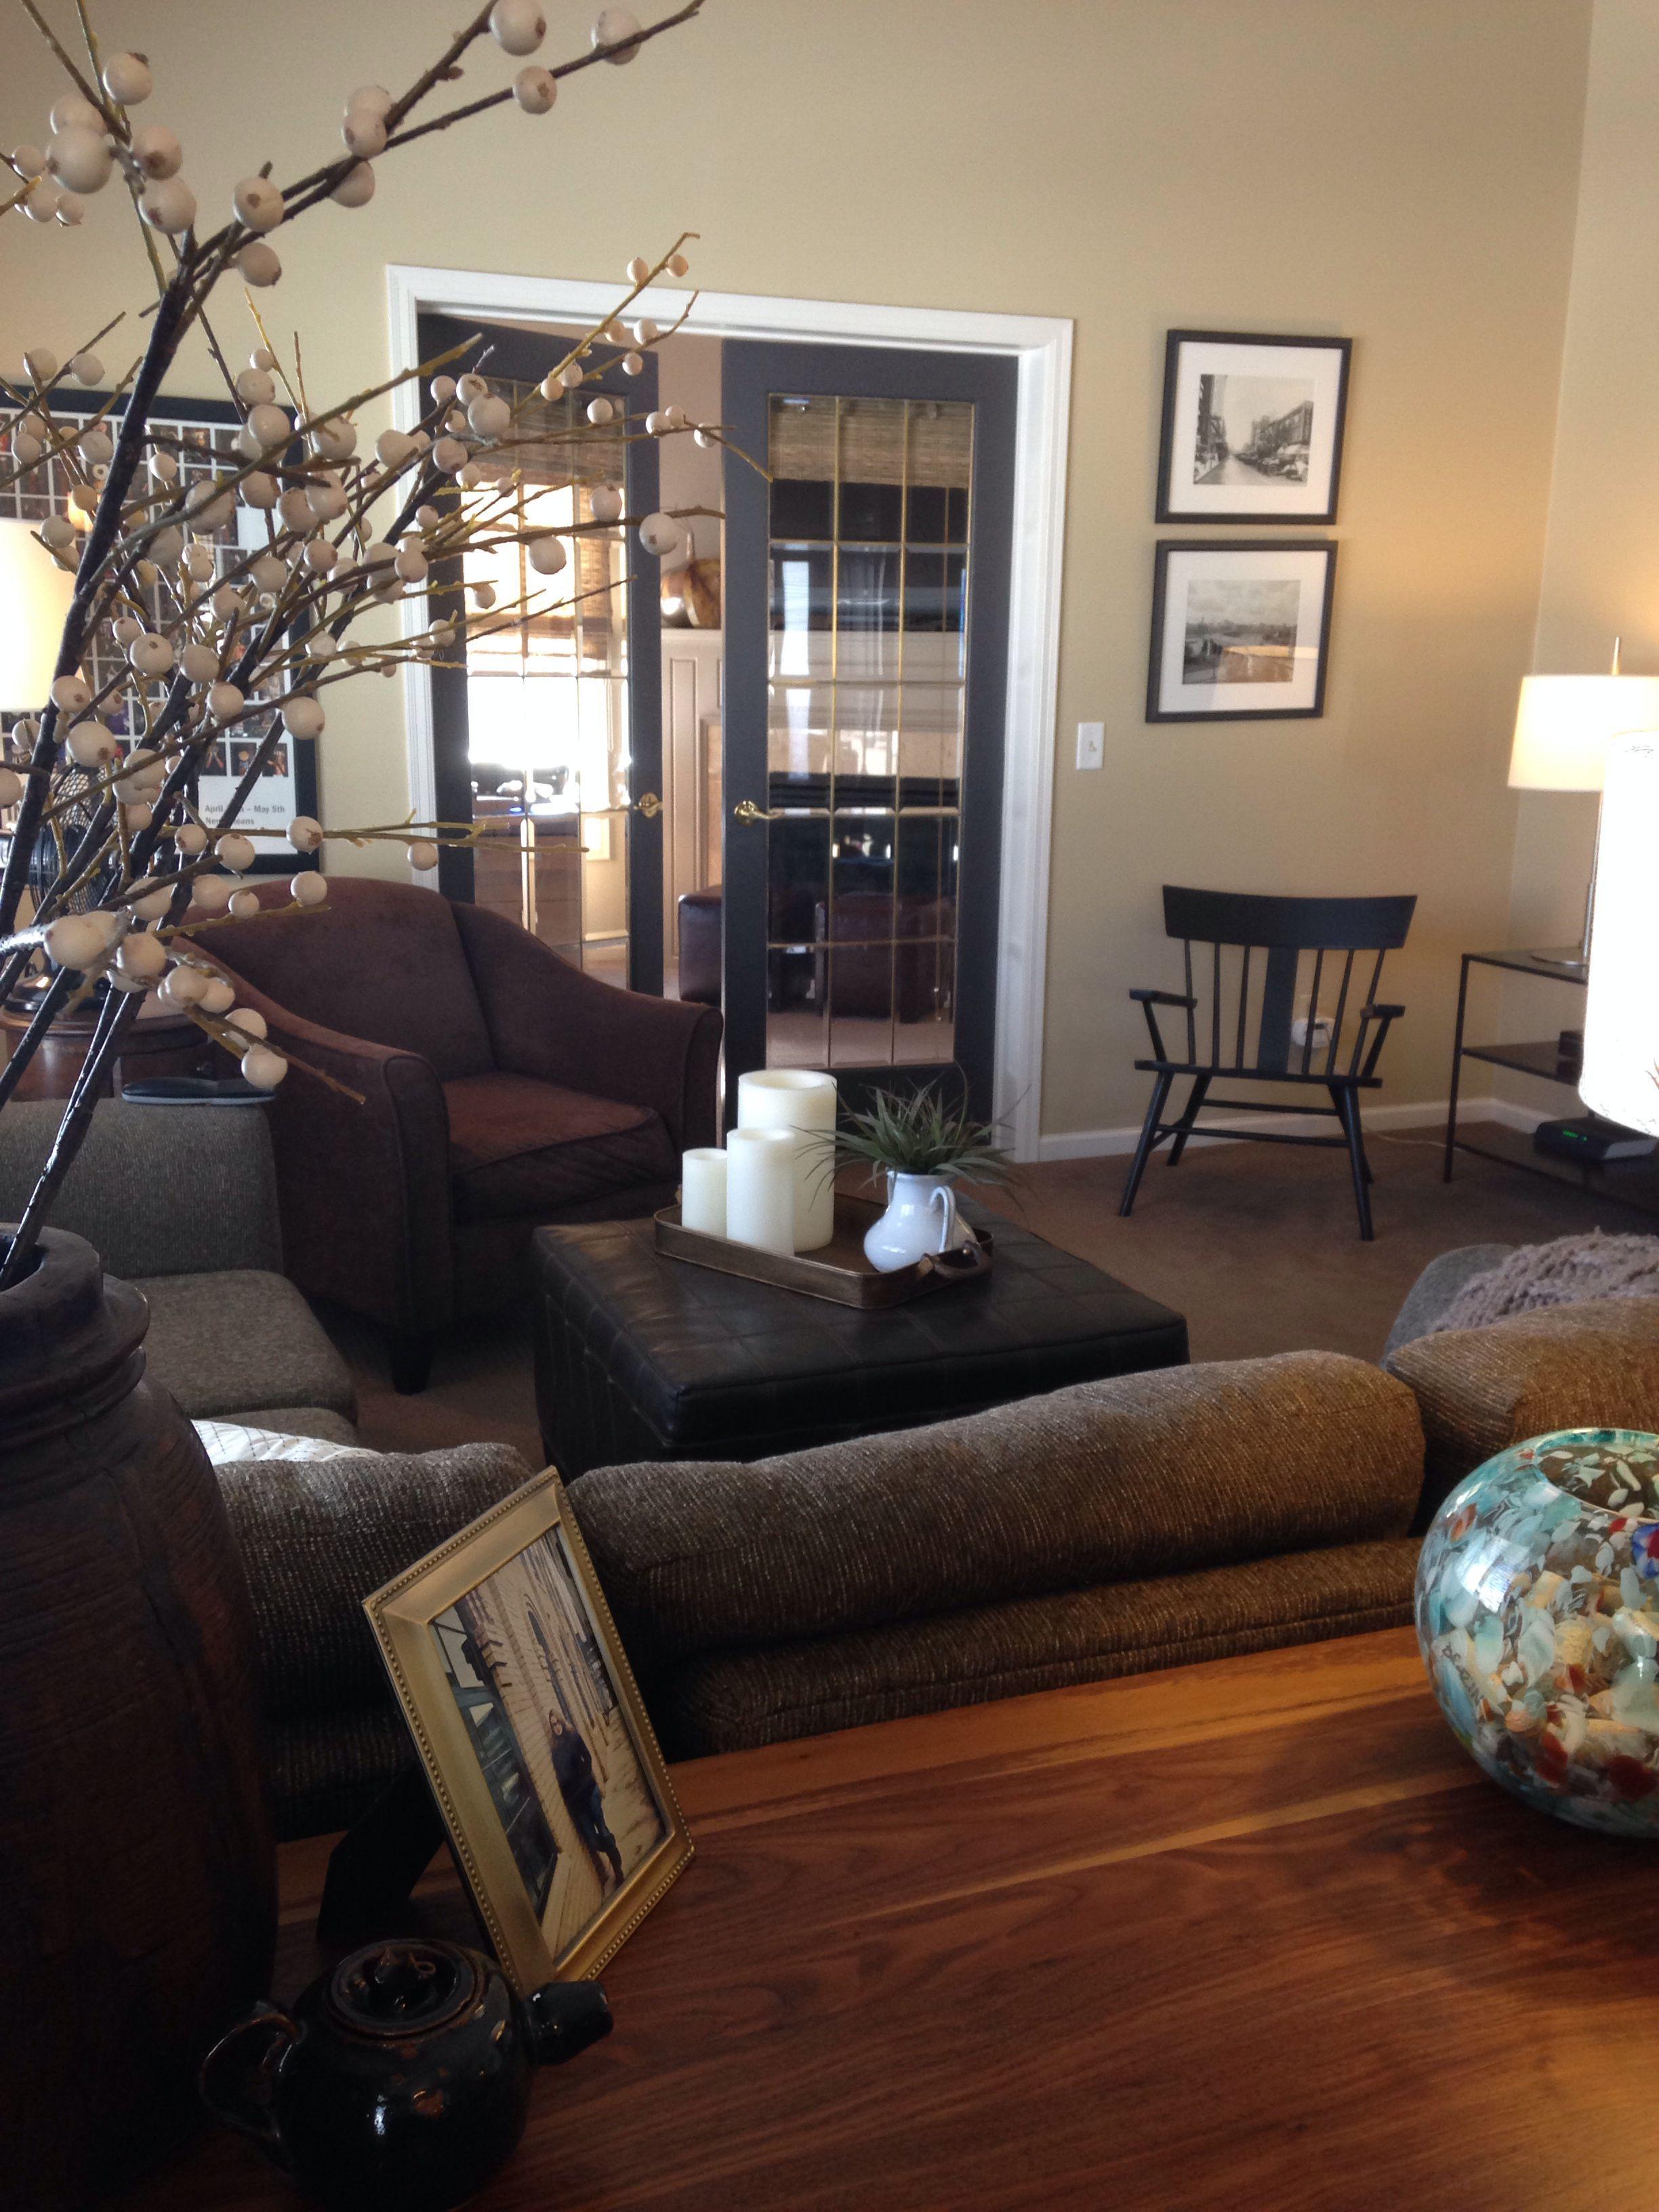 Paint Colors For Living Room With Wood Trim Dengan gambar